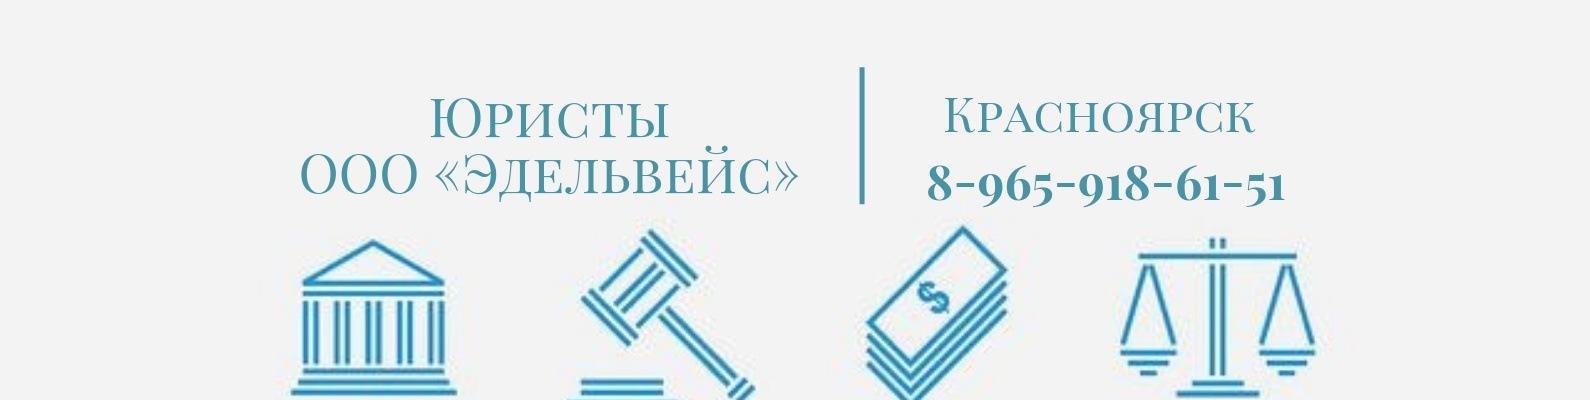 юристы по пенсионным вопросам в красноярске